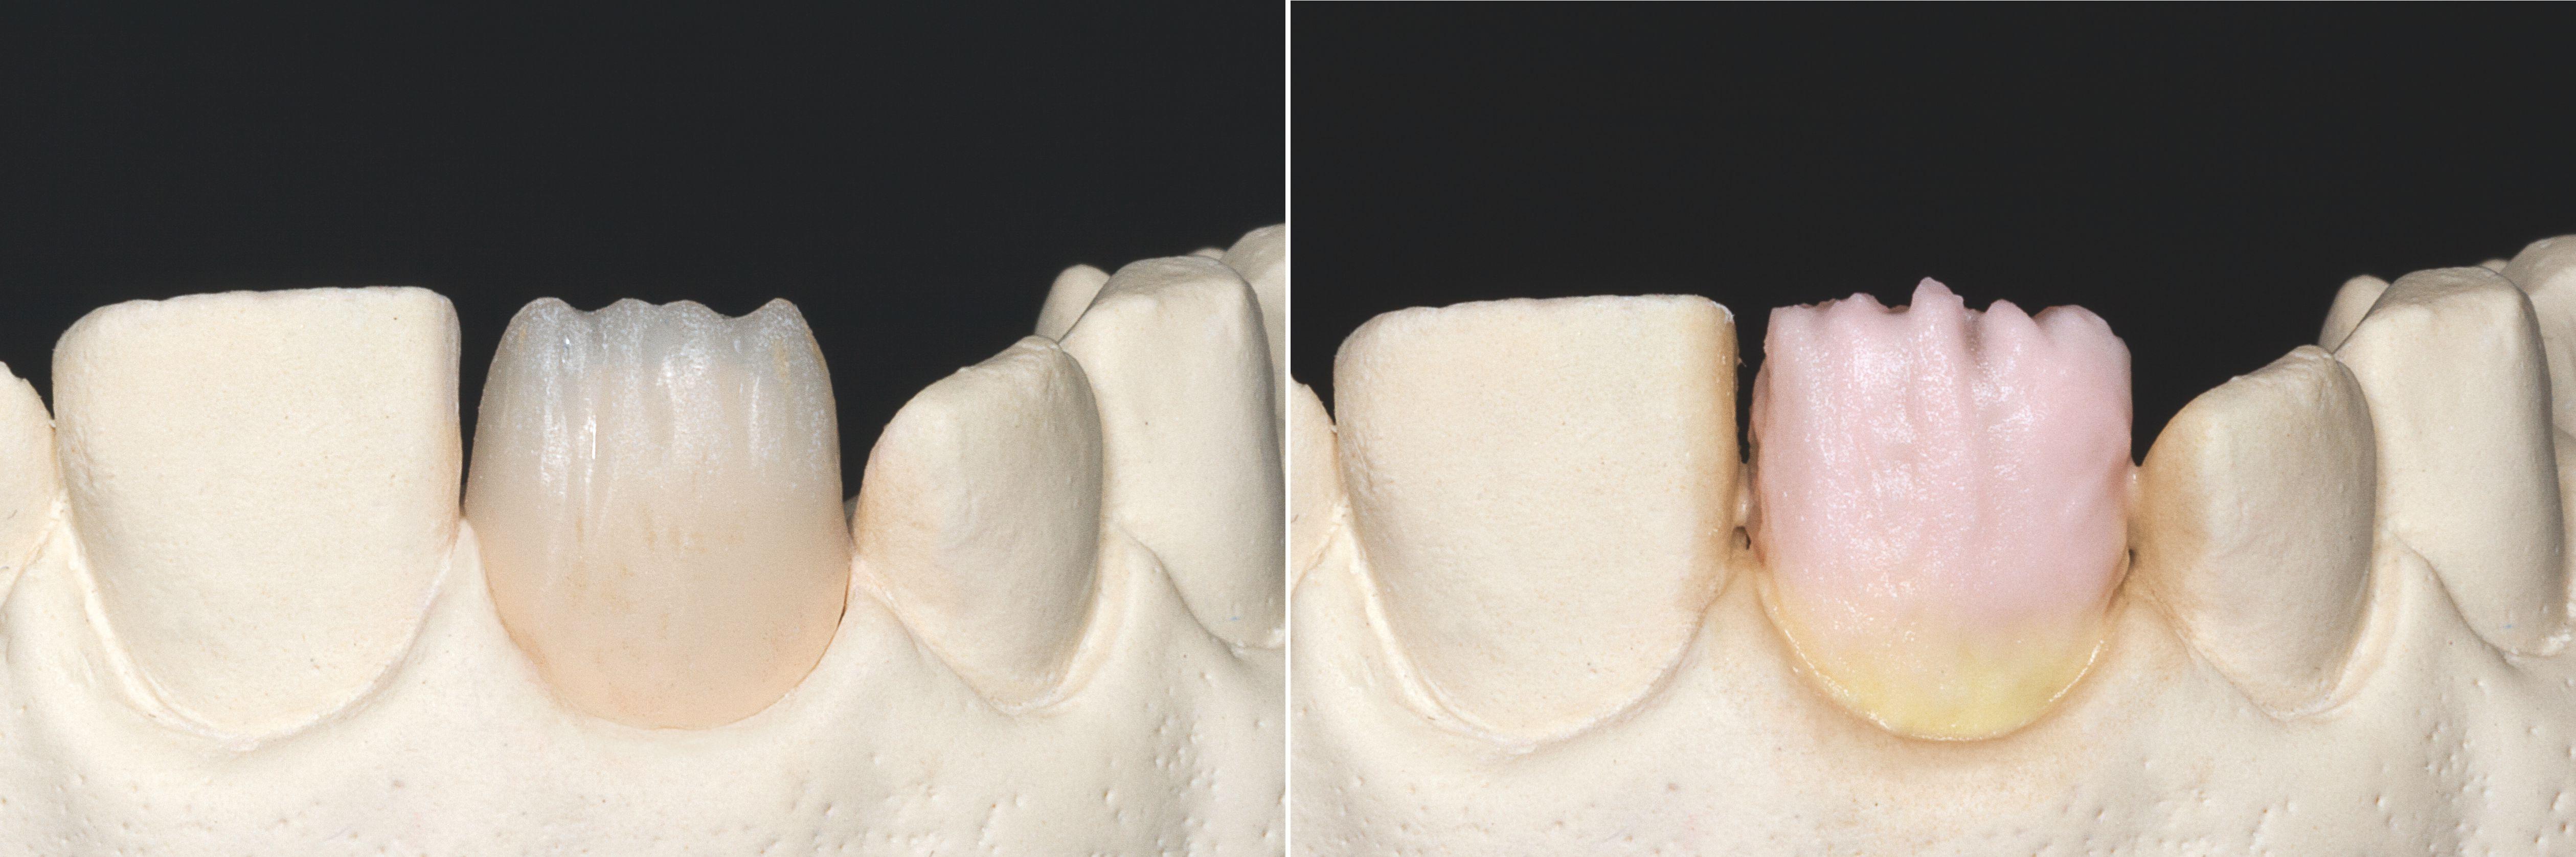 Fig. 1: Corona ridotta a livello incisale. Fig. 2: Completamento della forma del dente: nella zona cervicale VITA VM 11 SUN DENTINE e nel corpo VITA VM 11 TRANSPA DENTINE di idoneo colore.